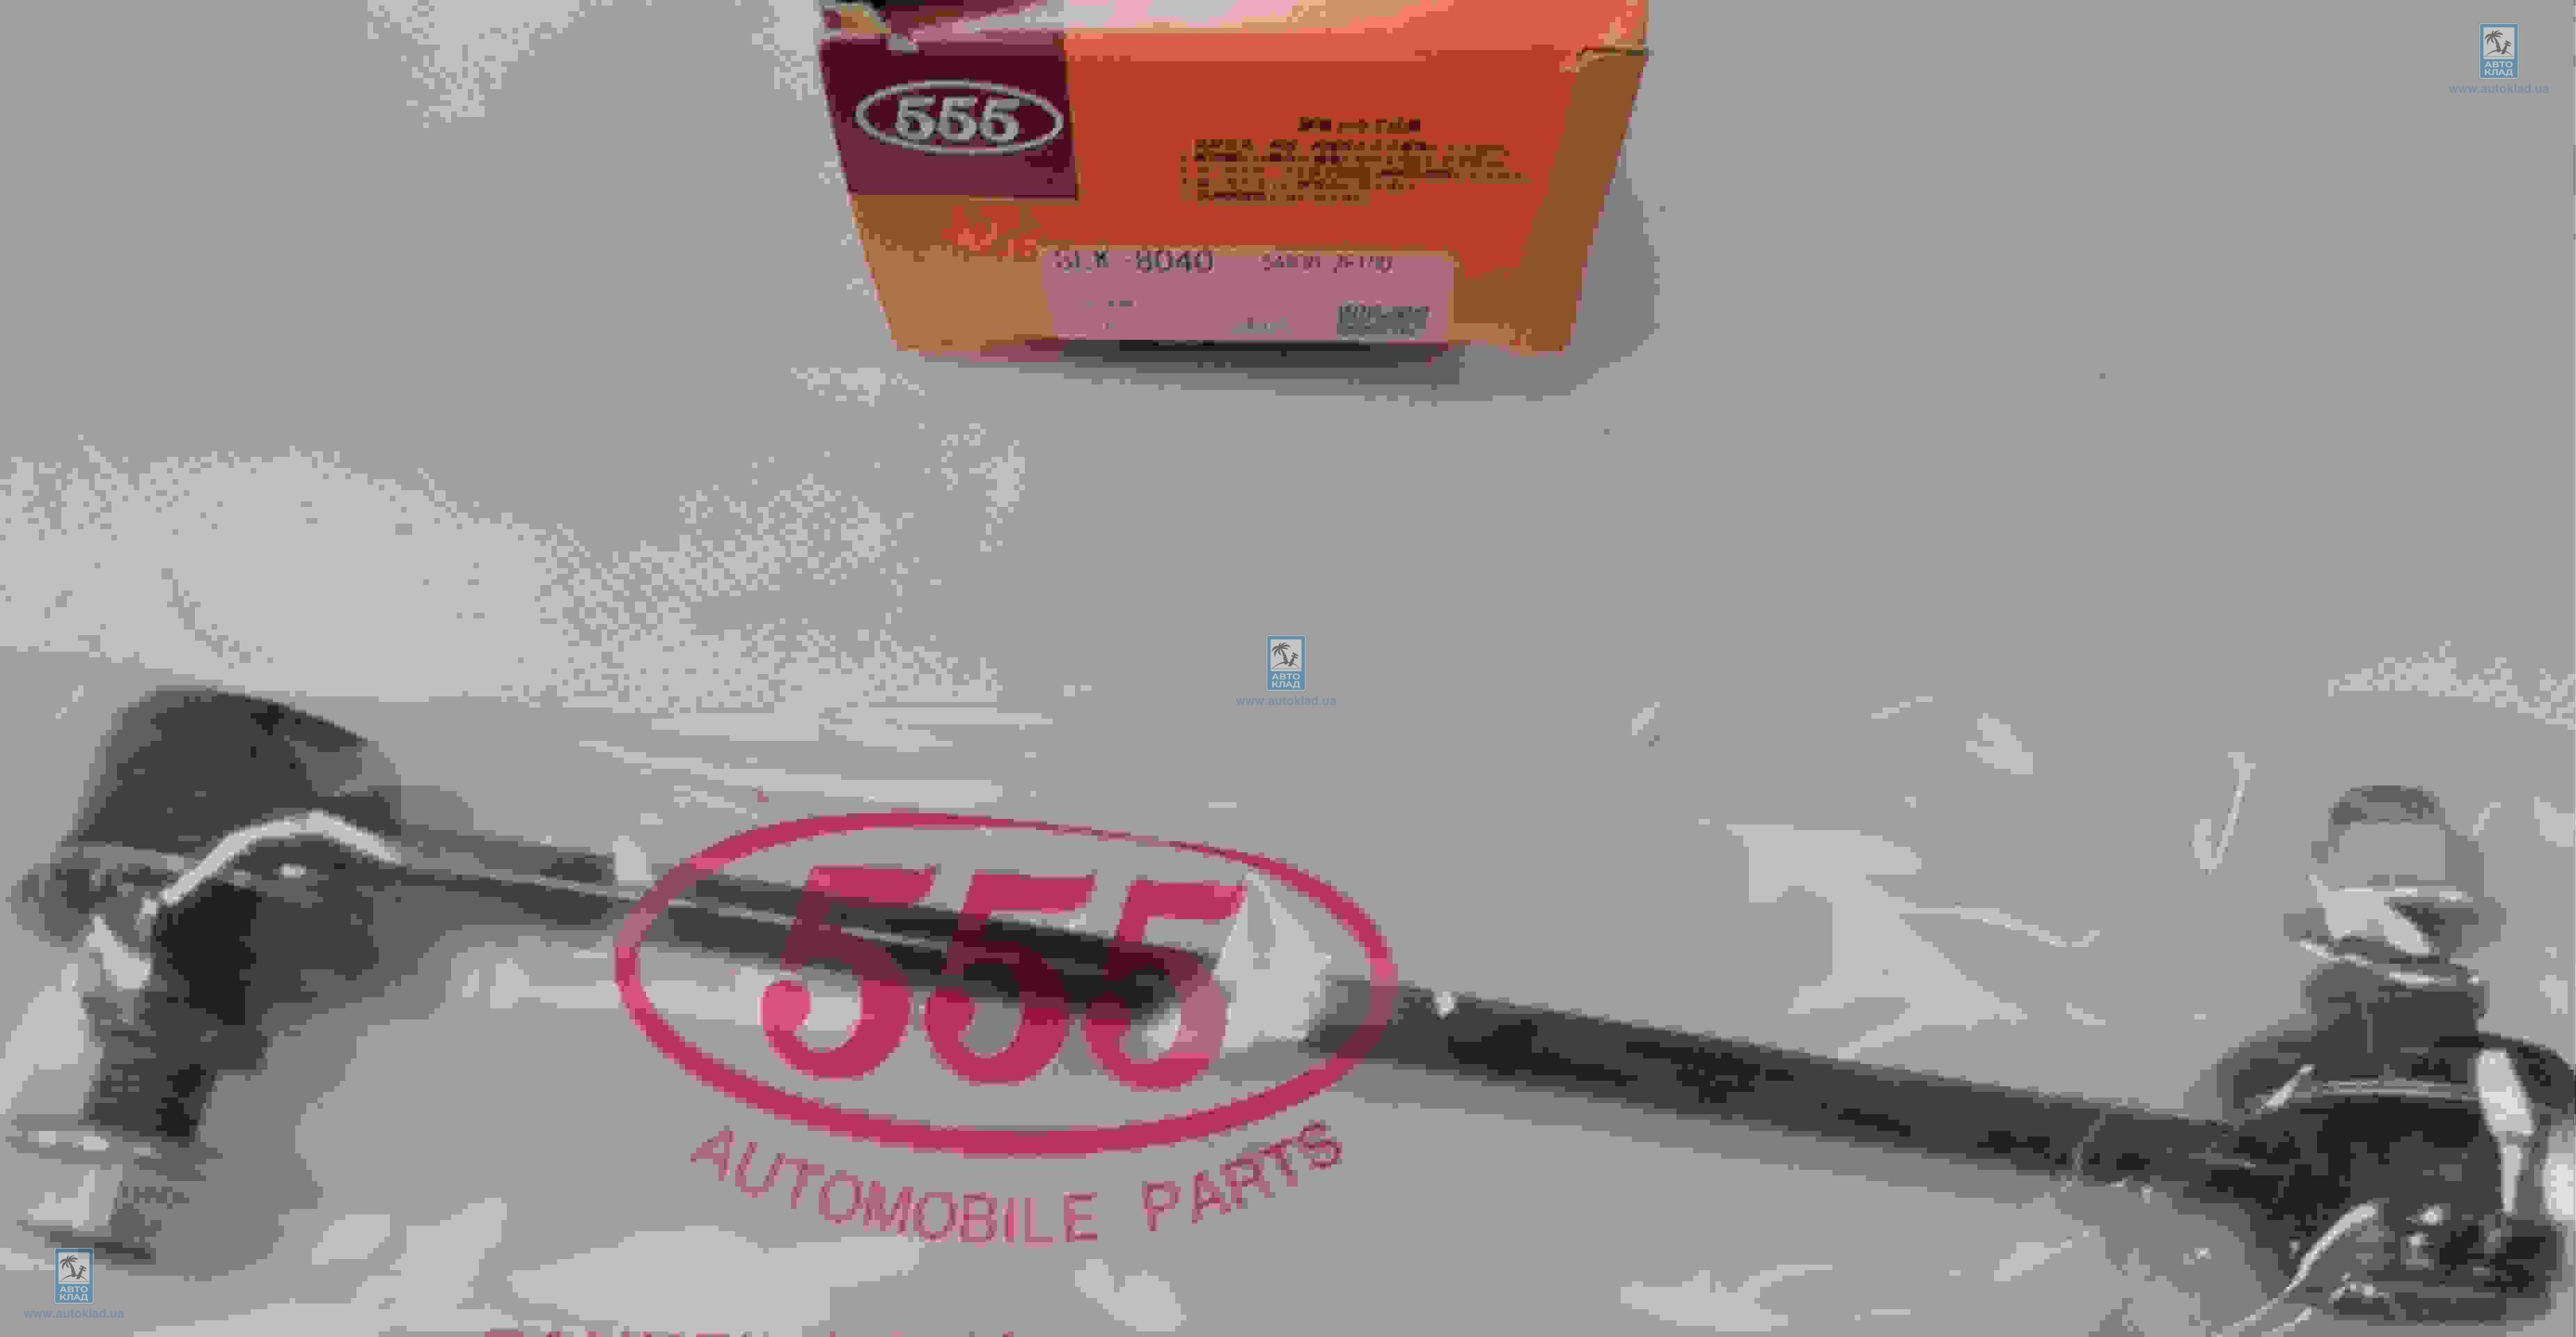 Стойка стабилизатора 555 SLK8070